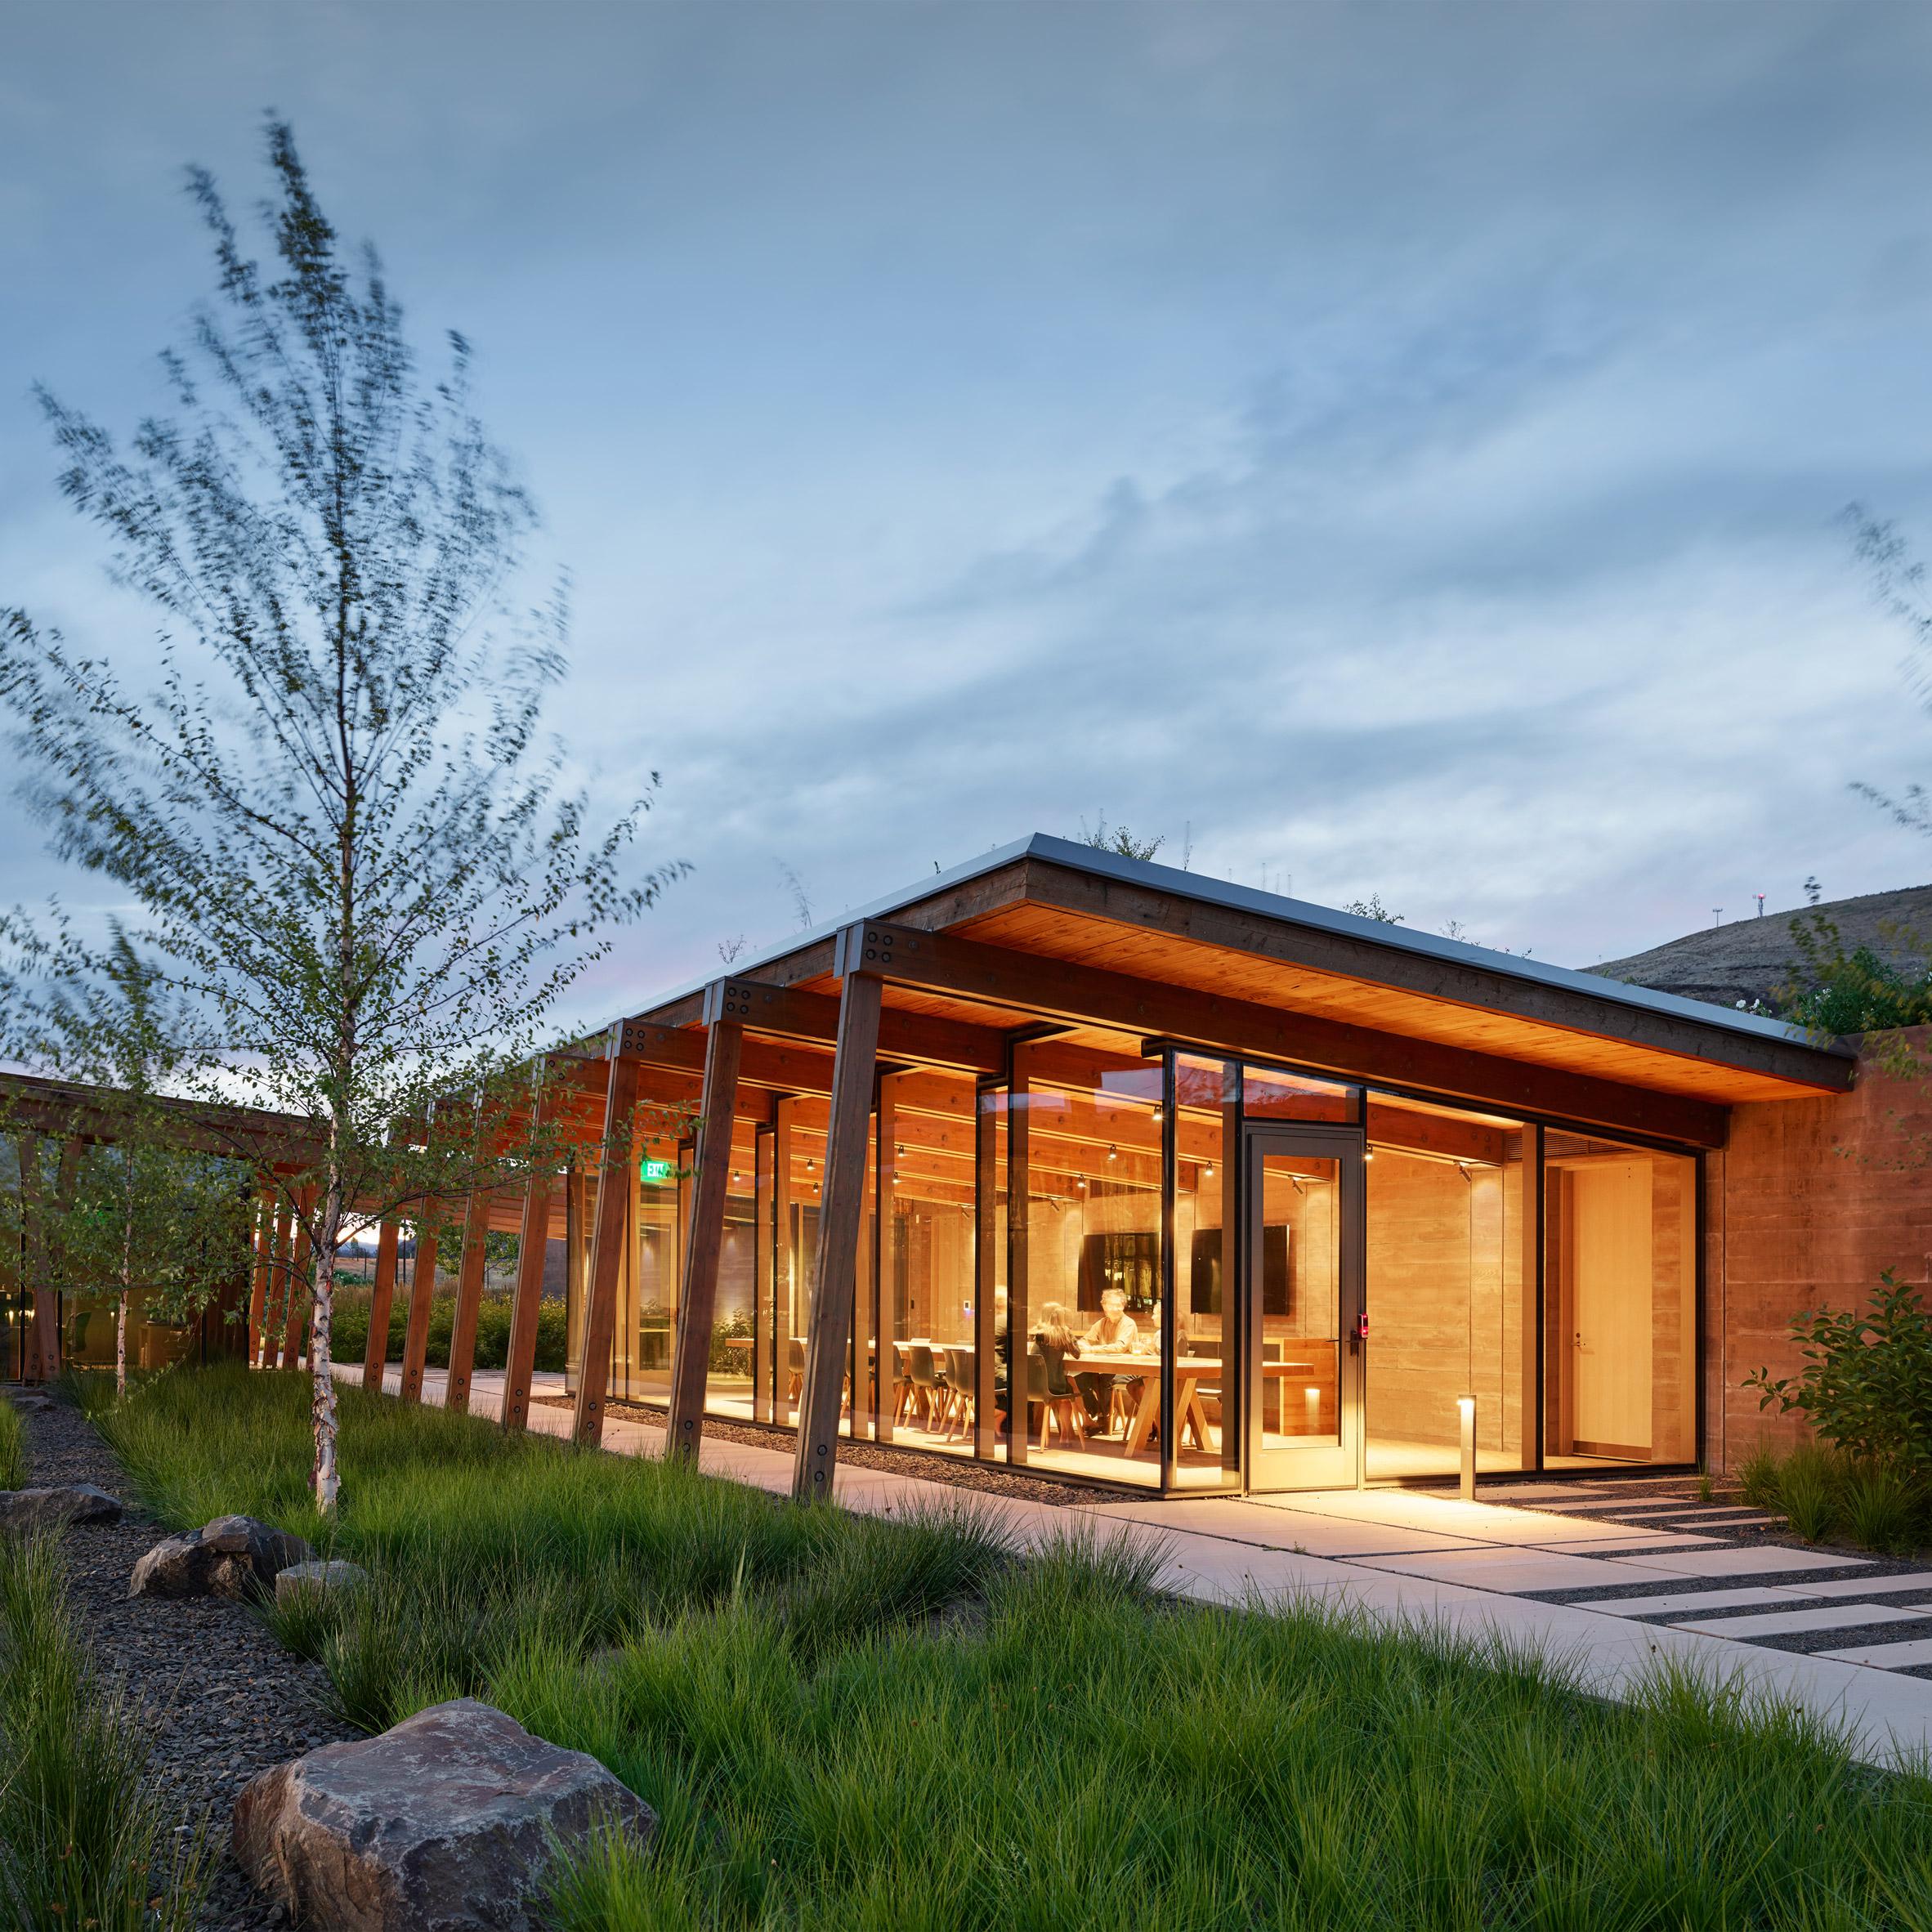 Exterior dusk view of Washington Fruit Produce HQ Graham Baba Architects